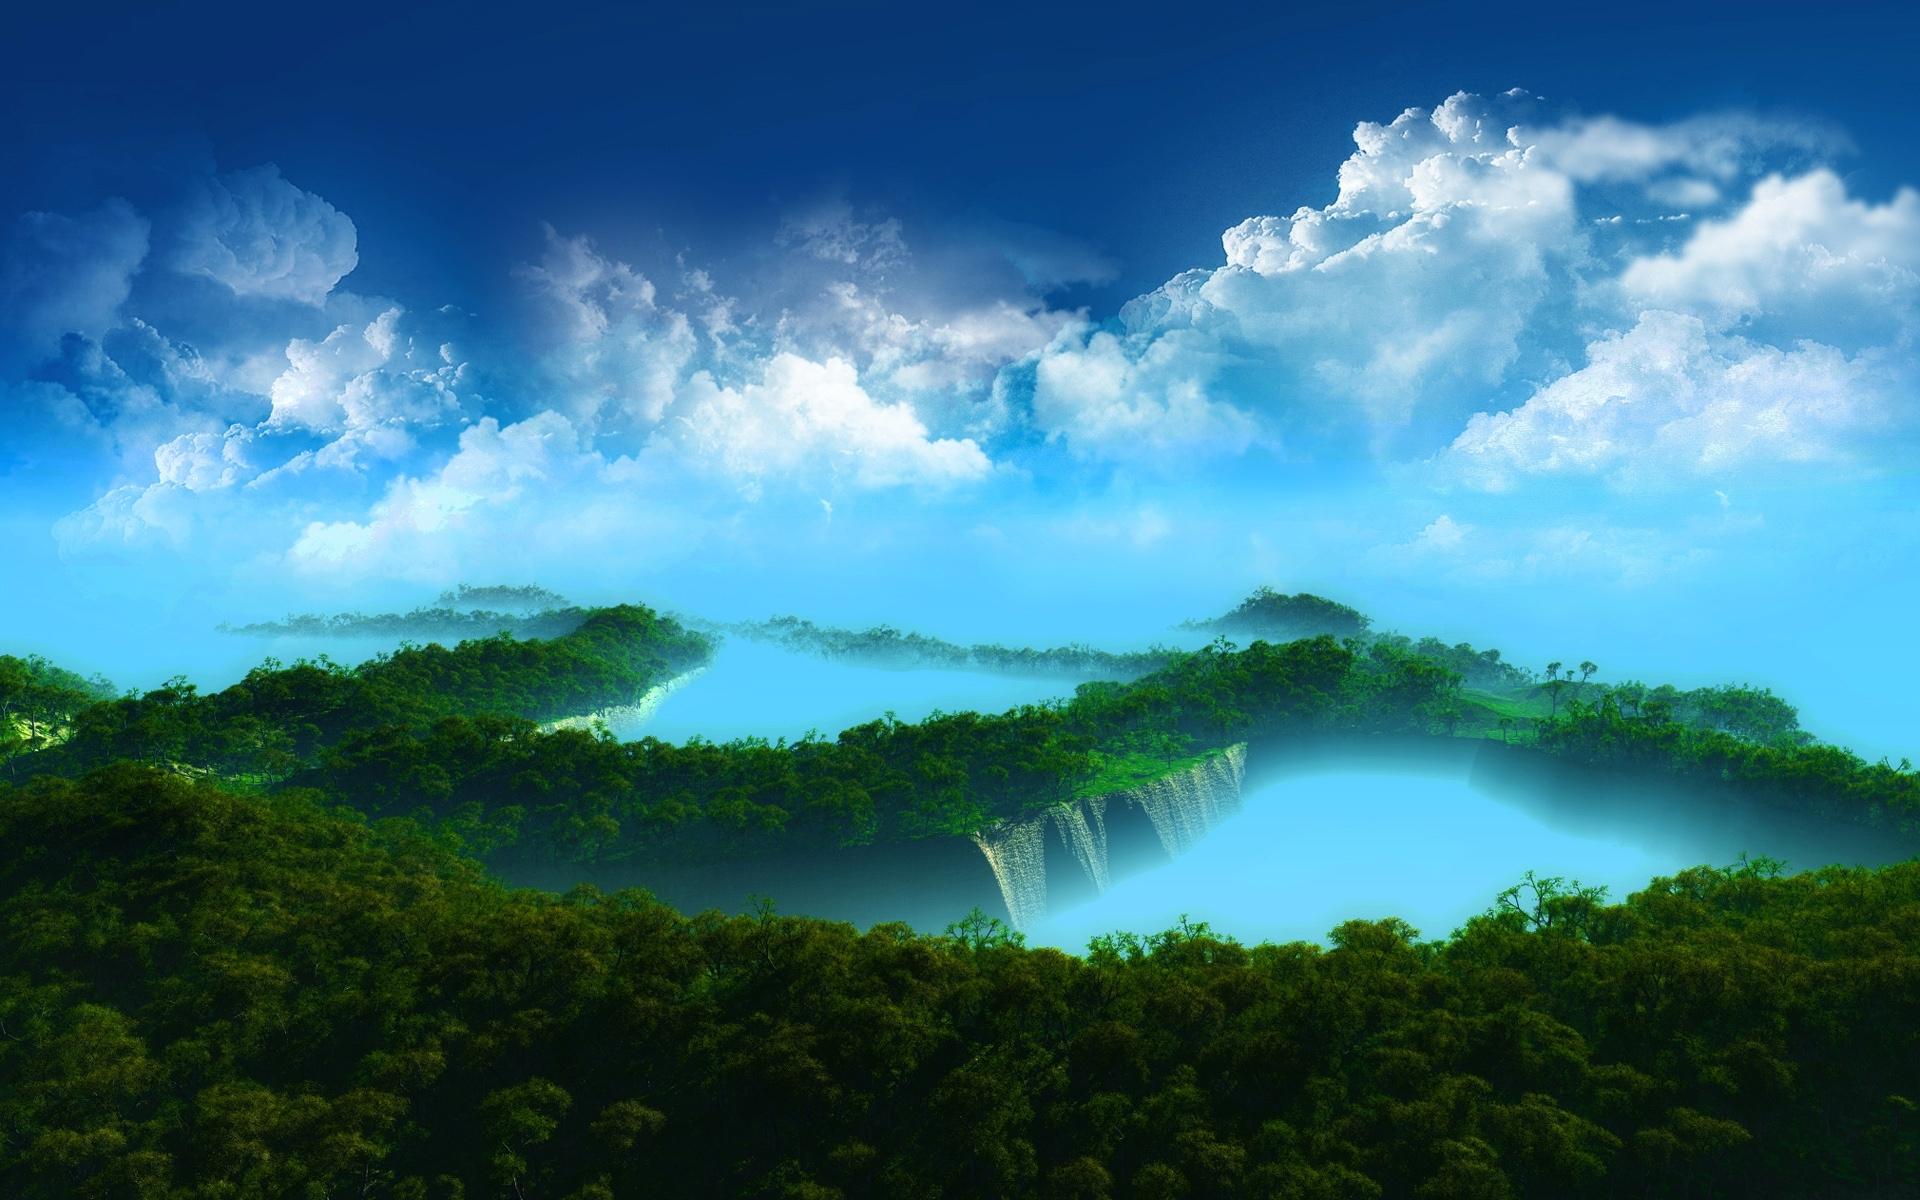 47874 télécharger le fond d'écran Paysage, Nature - économiseurs d'écran et images gratuitement